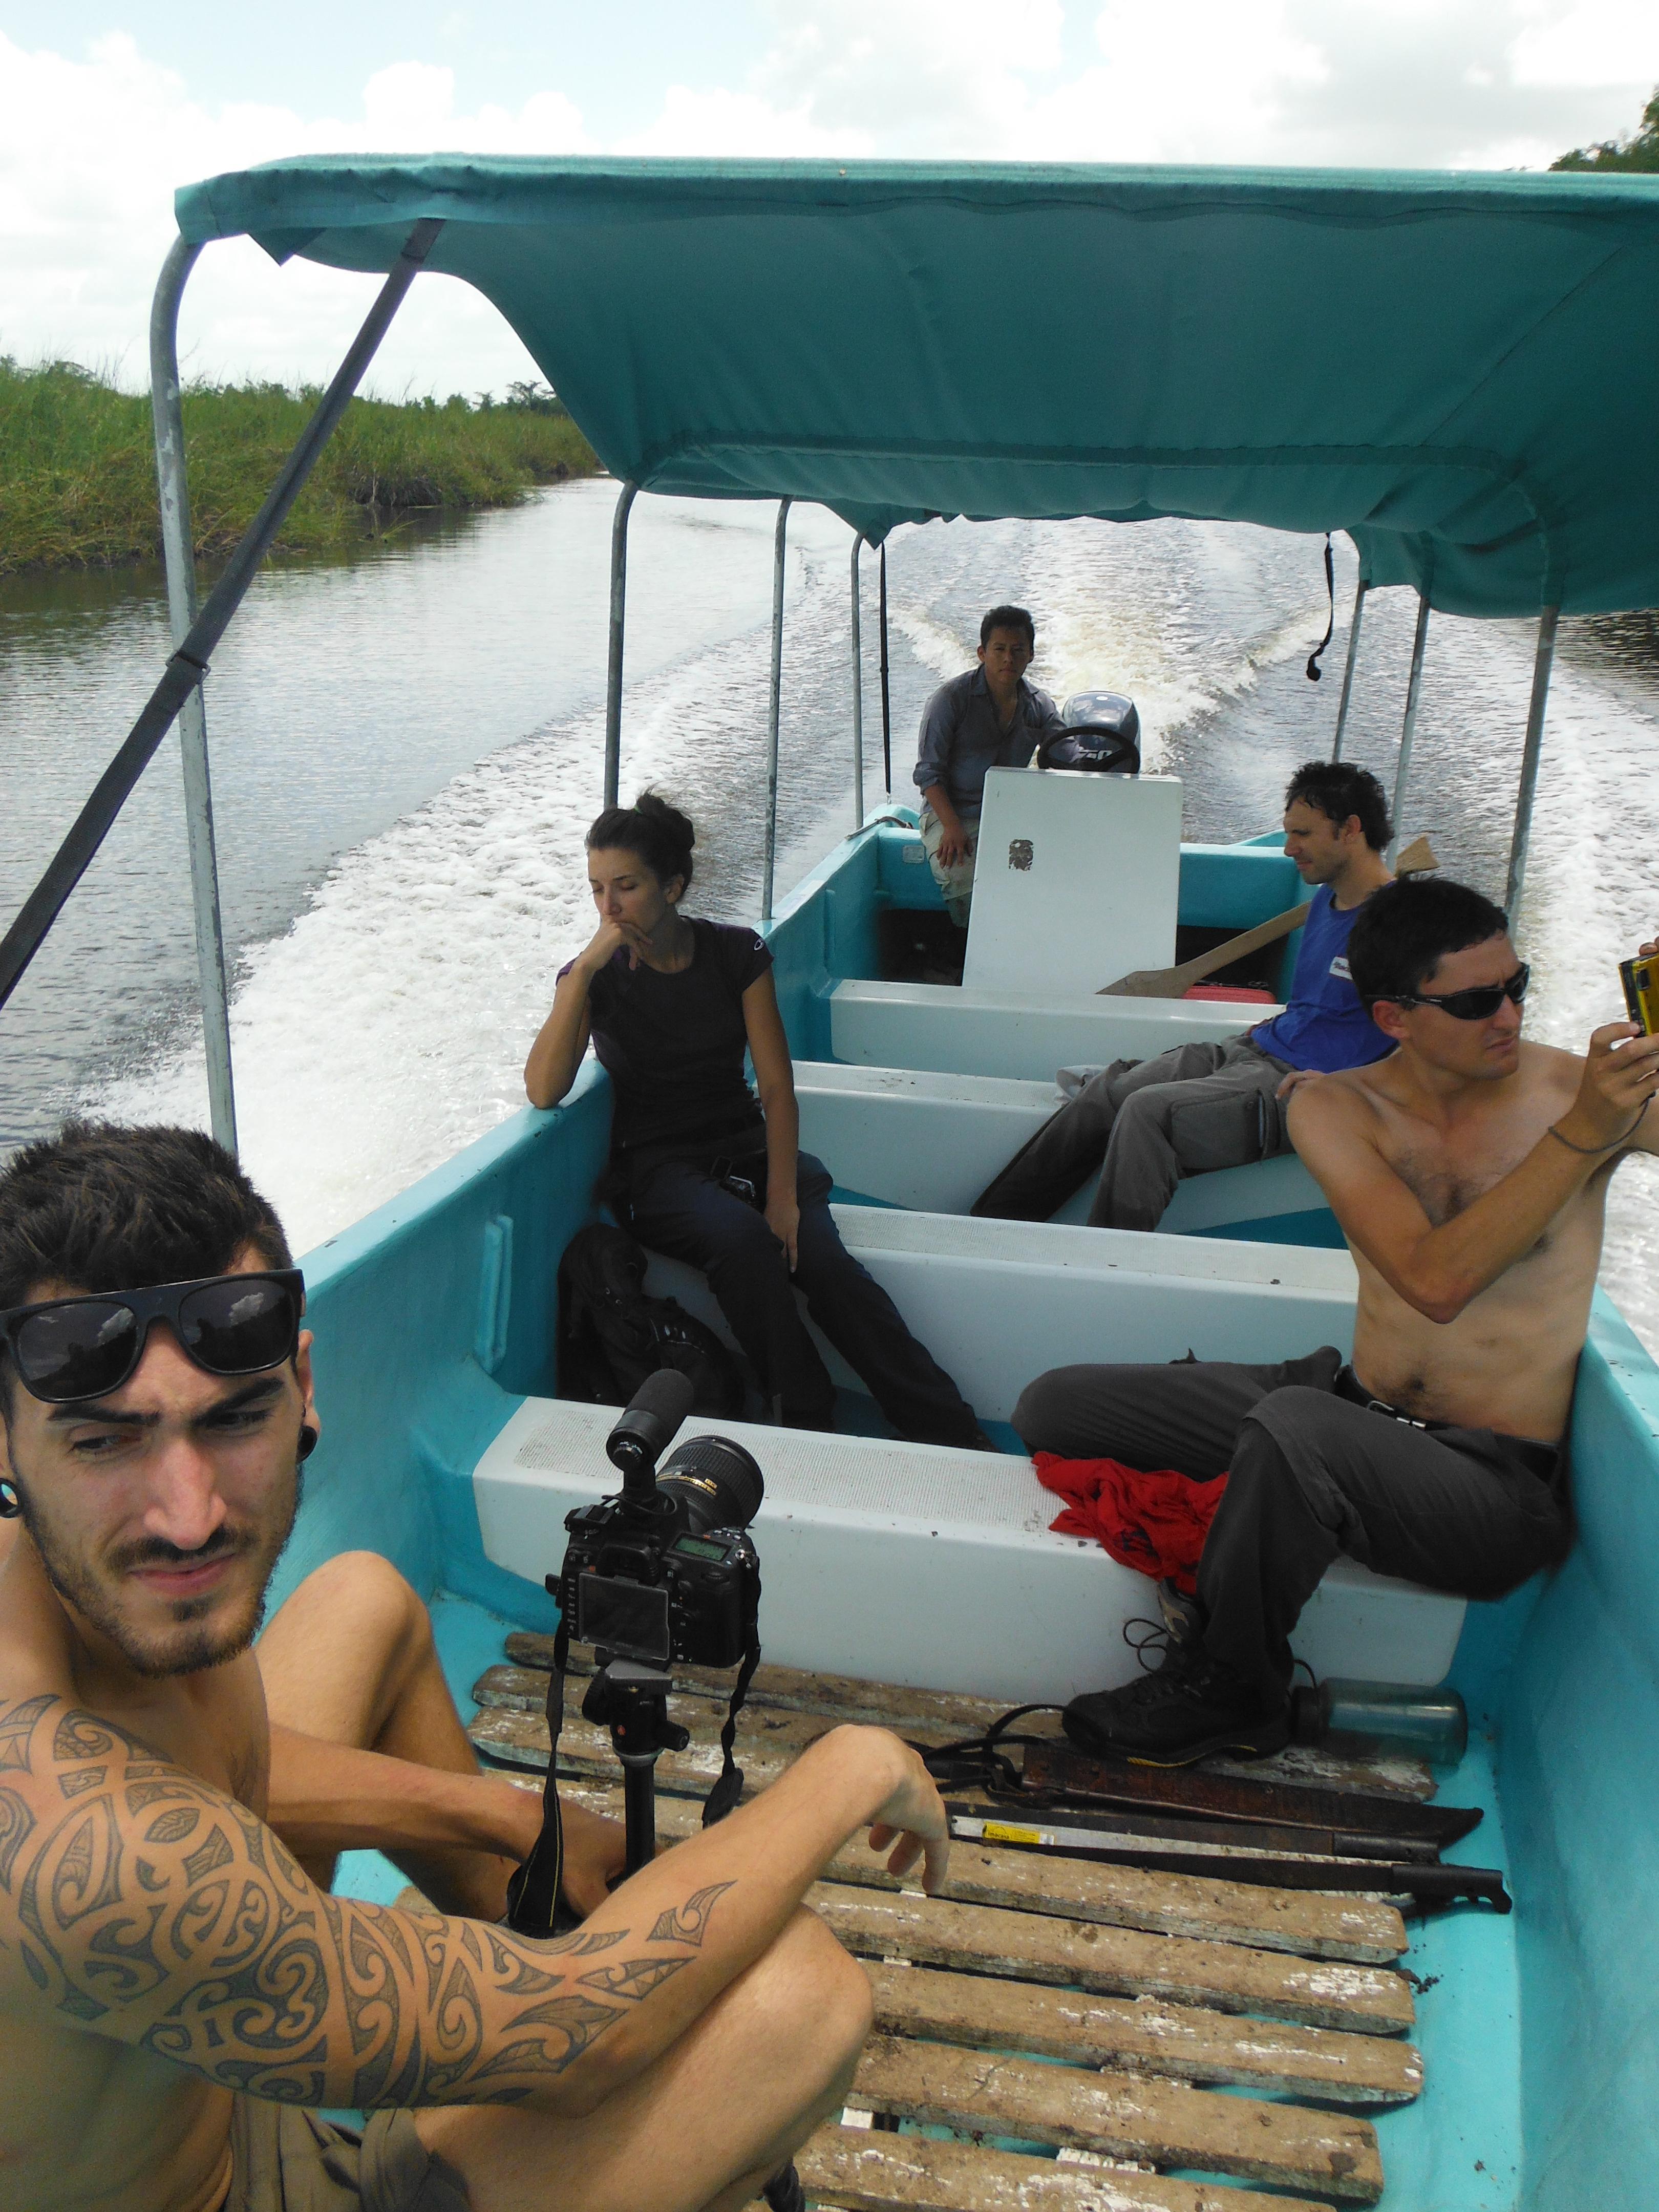 film crew on boat